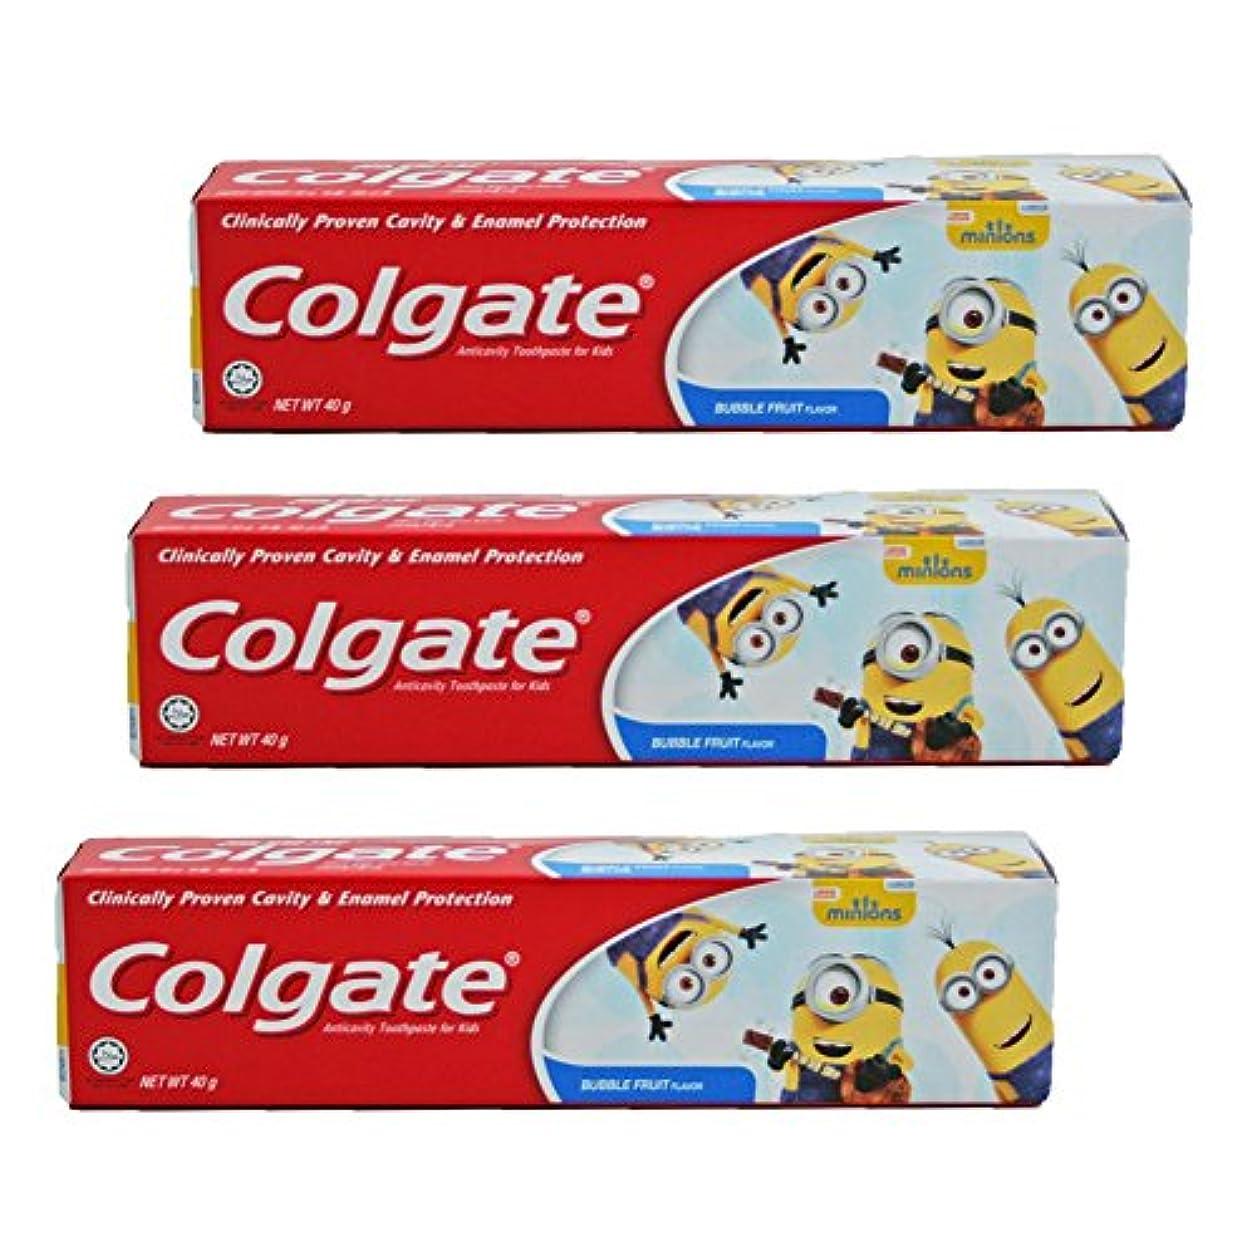 マラドロイト関税収まるコルゲート Colgate 子供用 Kids-BUBBLE FRUIT FLAVOR (ミニオン, 40g) 3個セット [並行輸入品]